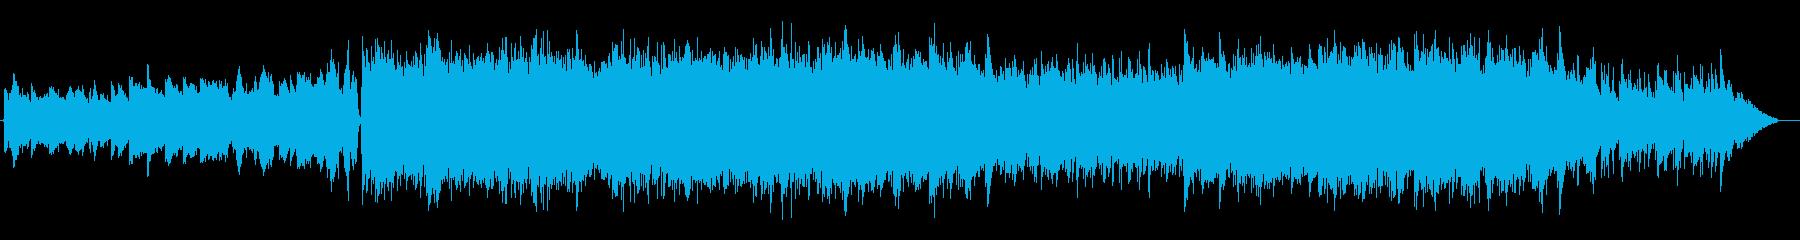 重ためマイナーロックの再生済みの波形